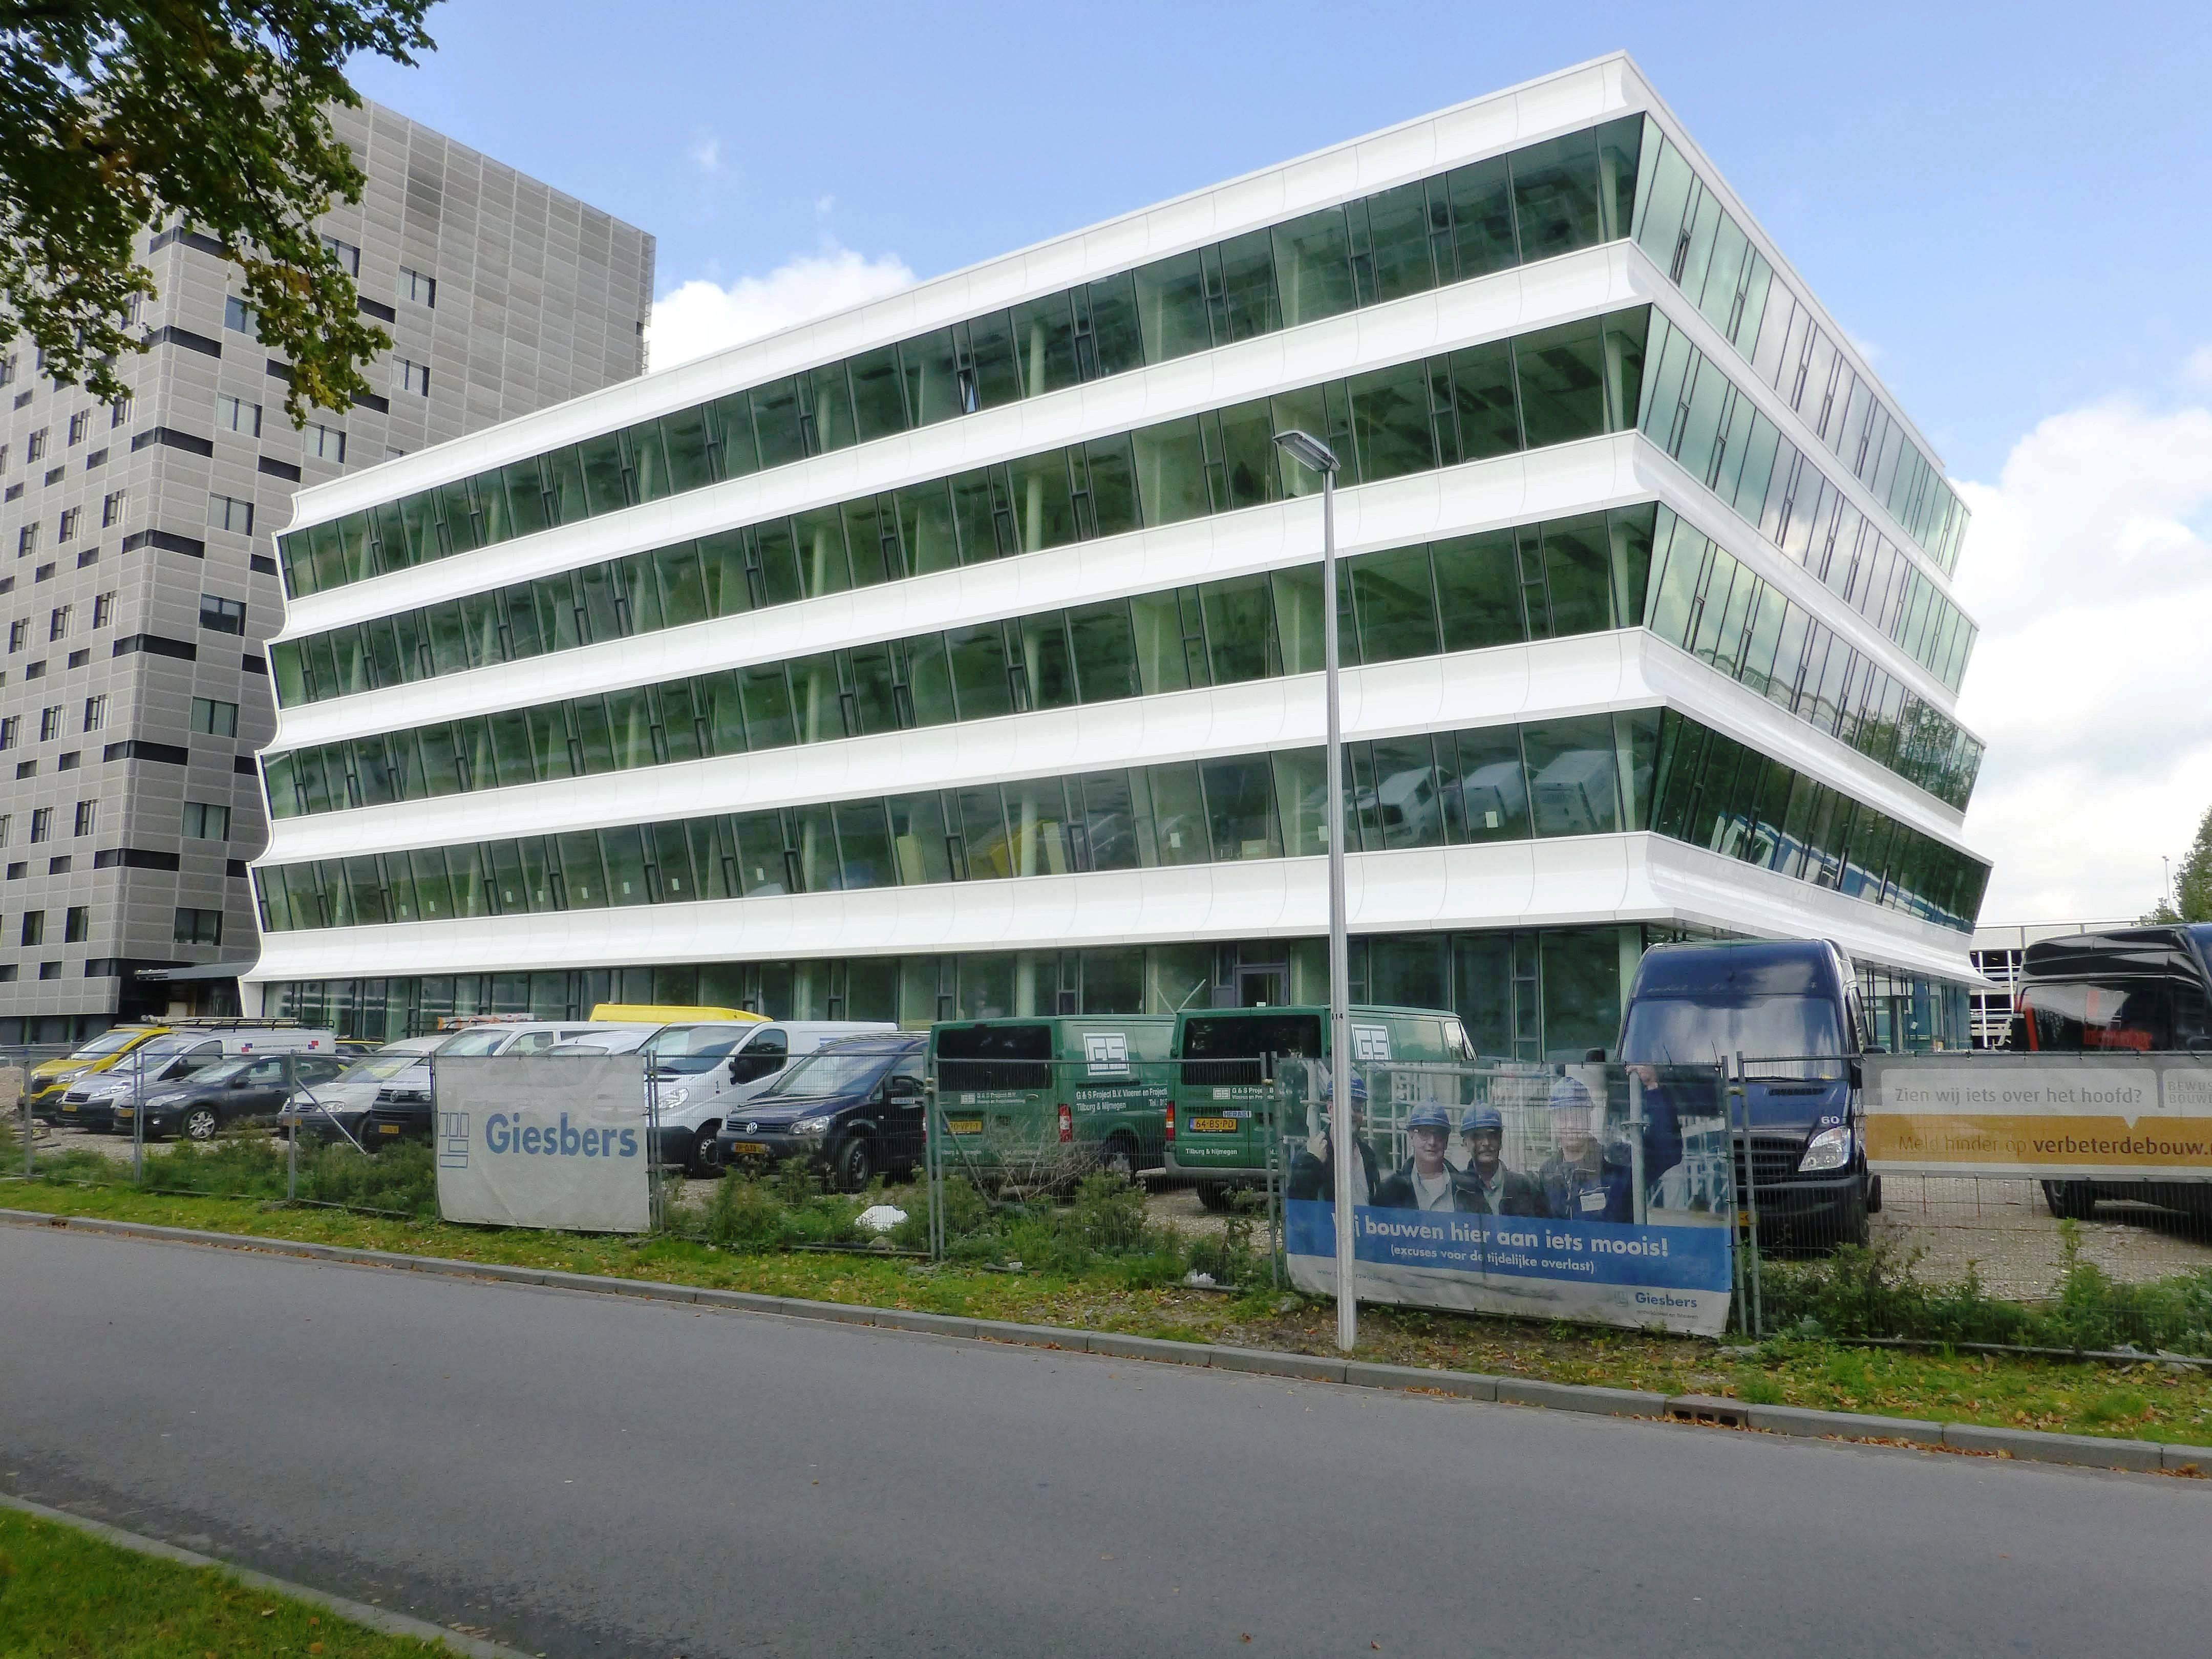 De LSI is een opvallend gebouw met zijn gevels van gebogen posiet en vooroverhellend glas